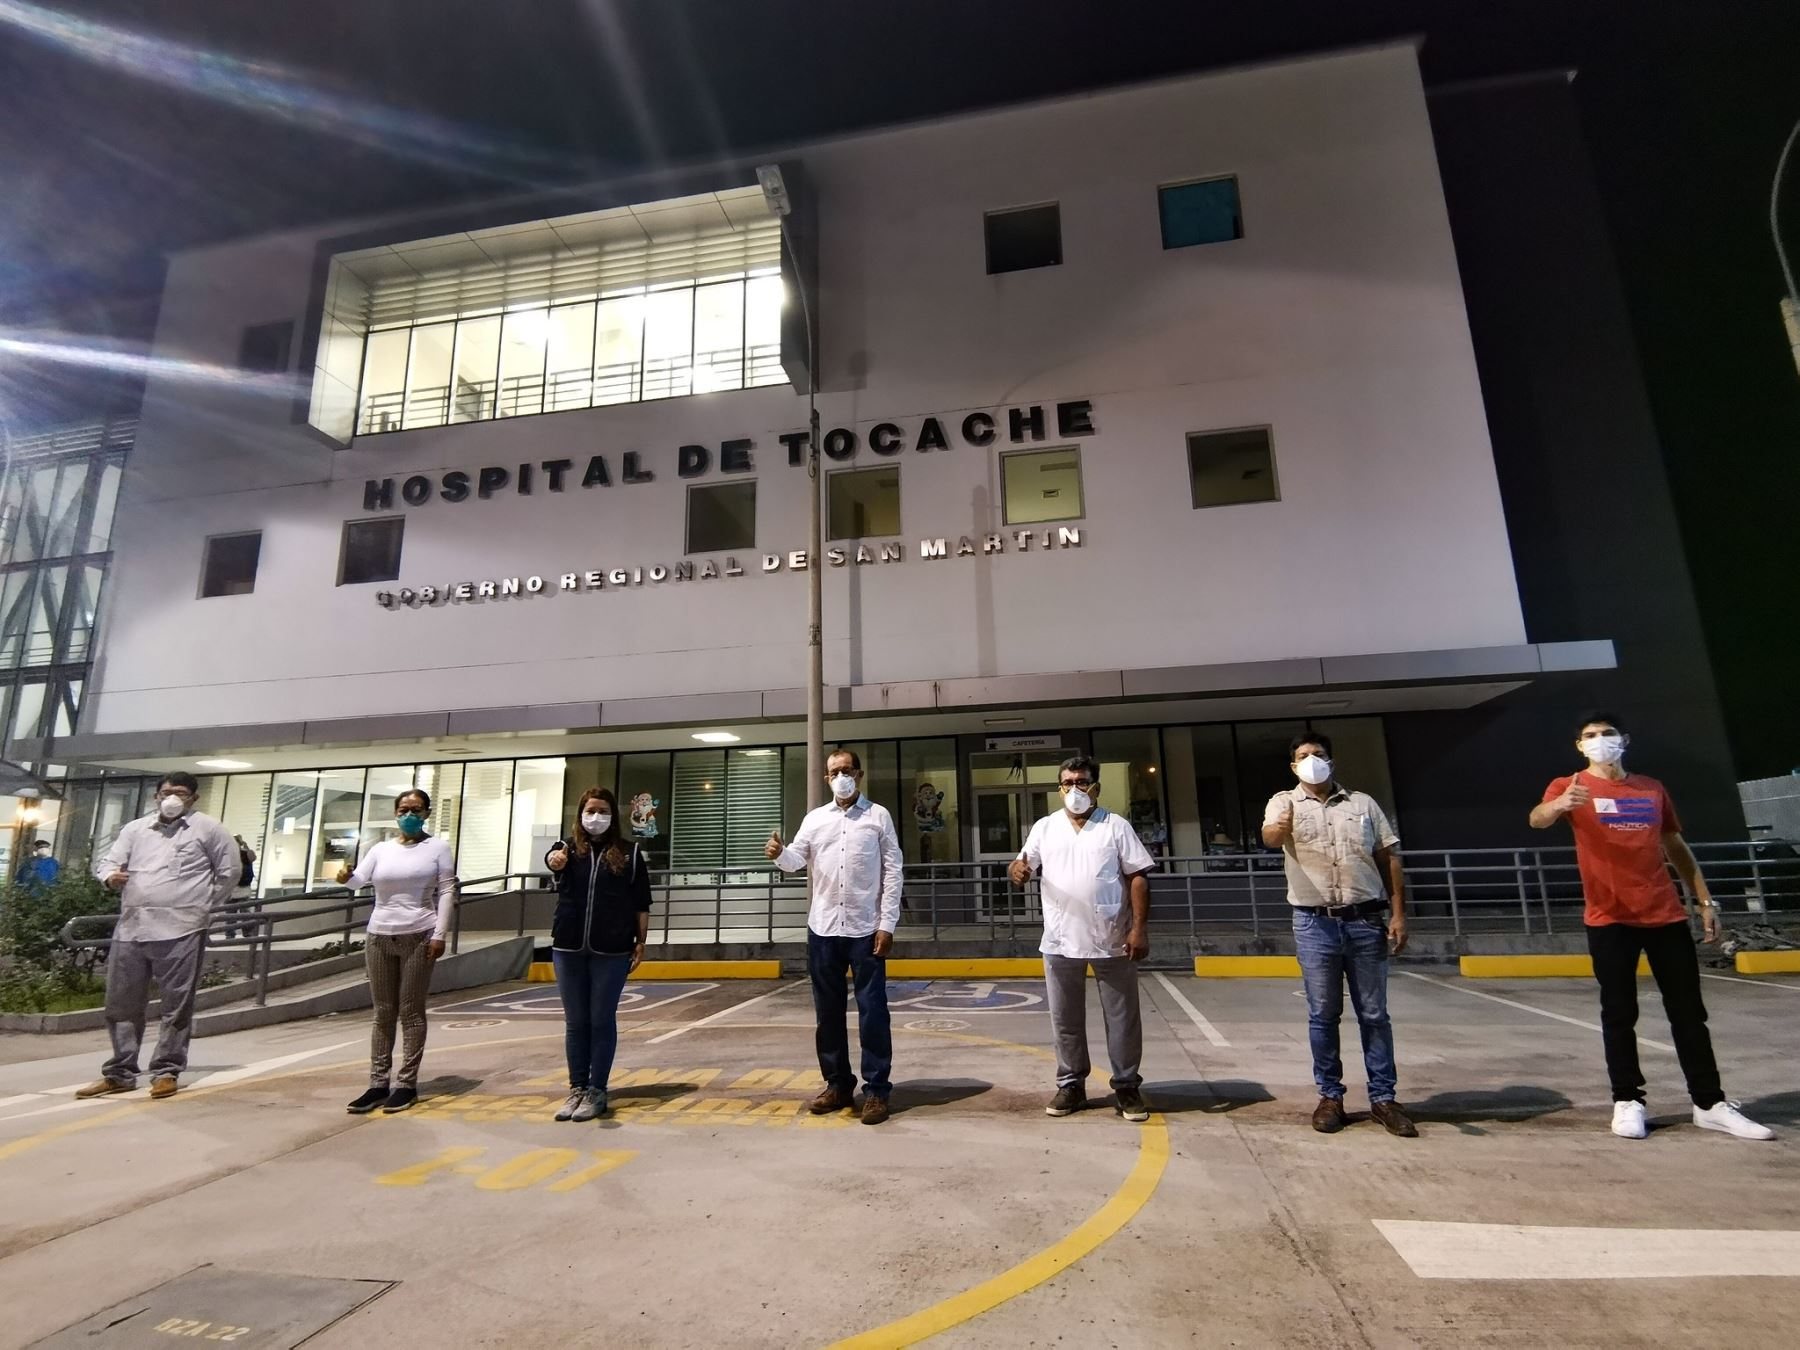 Especialistas en Medicina Intensiva del Minsa arriban a Tocache, en San Martín, para mejorar la atención de pacientes covid-19 en el Hospital de Tocache.